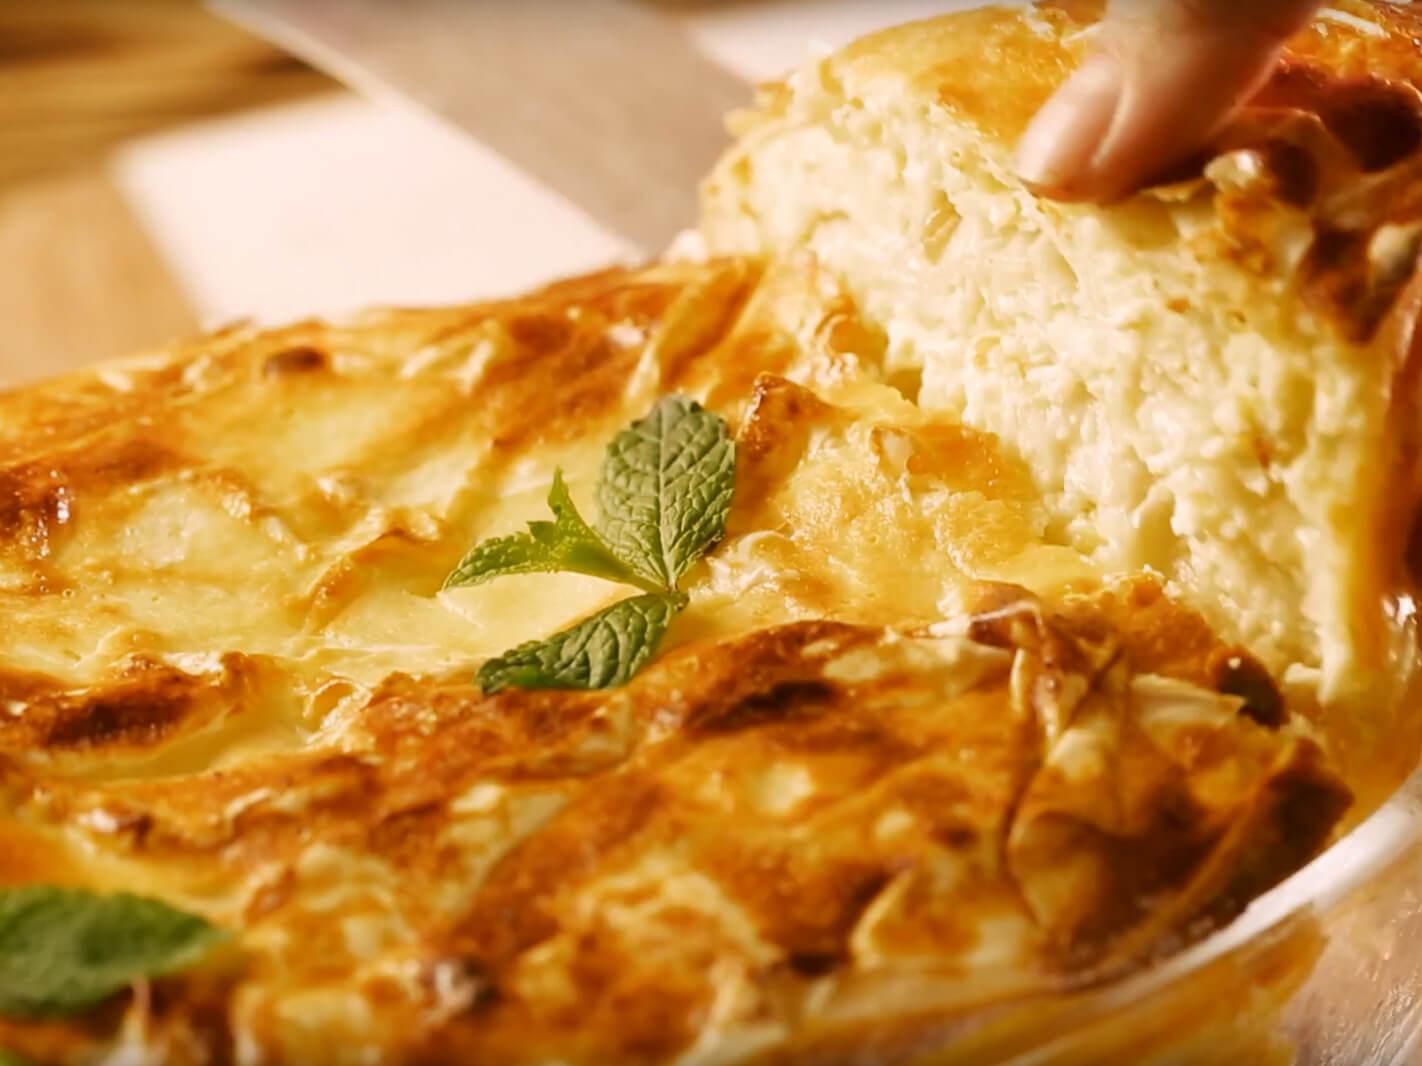 Plăcintă cu brânză dulce și iaurt